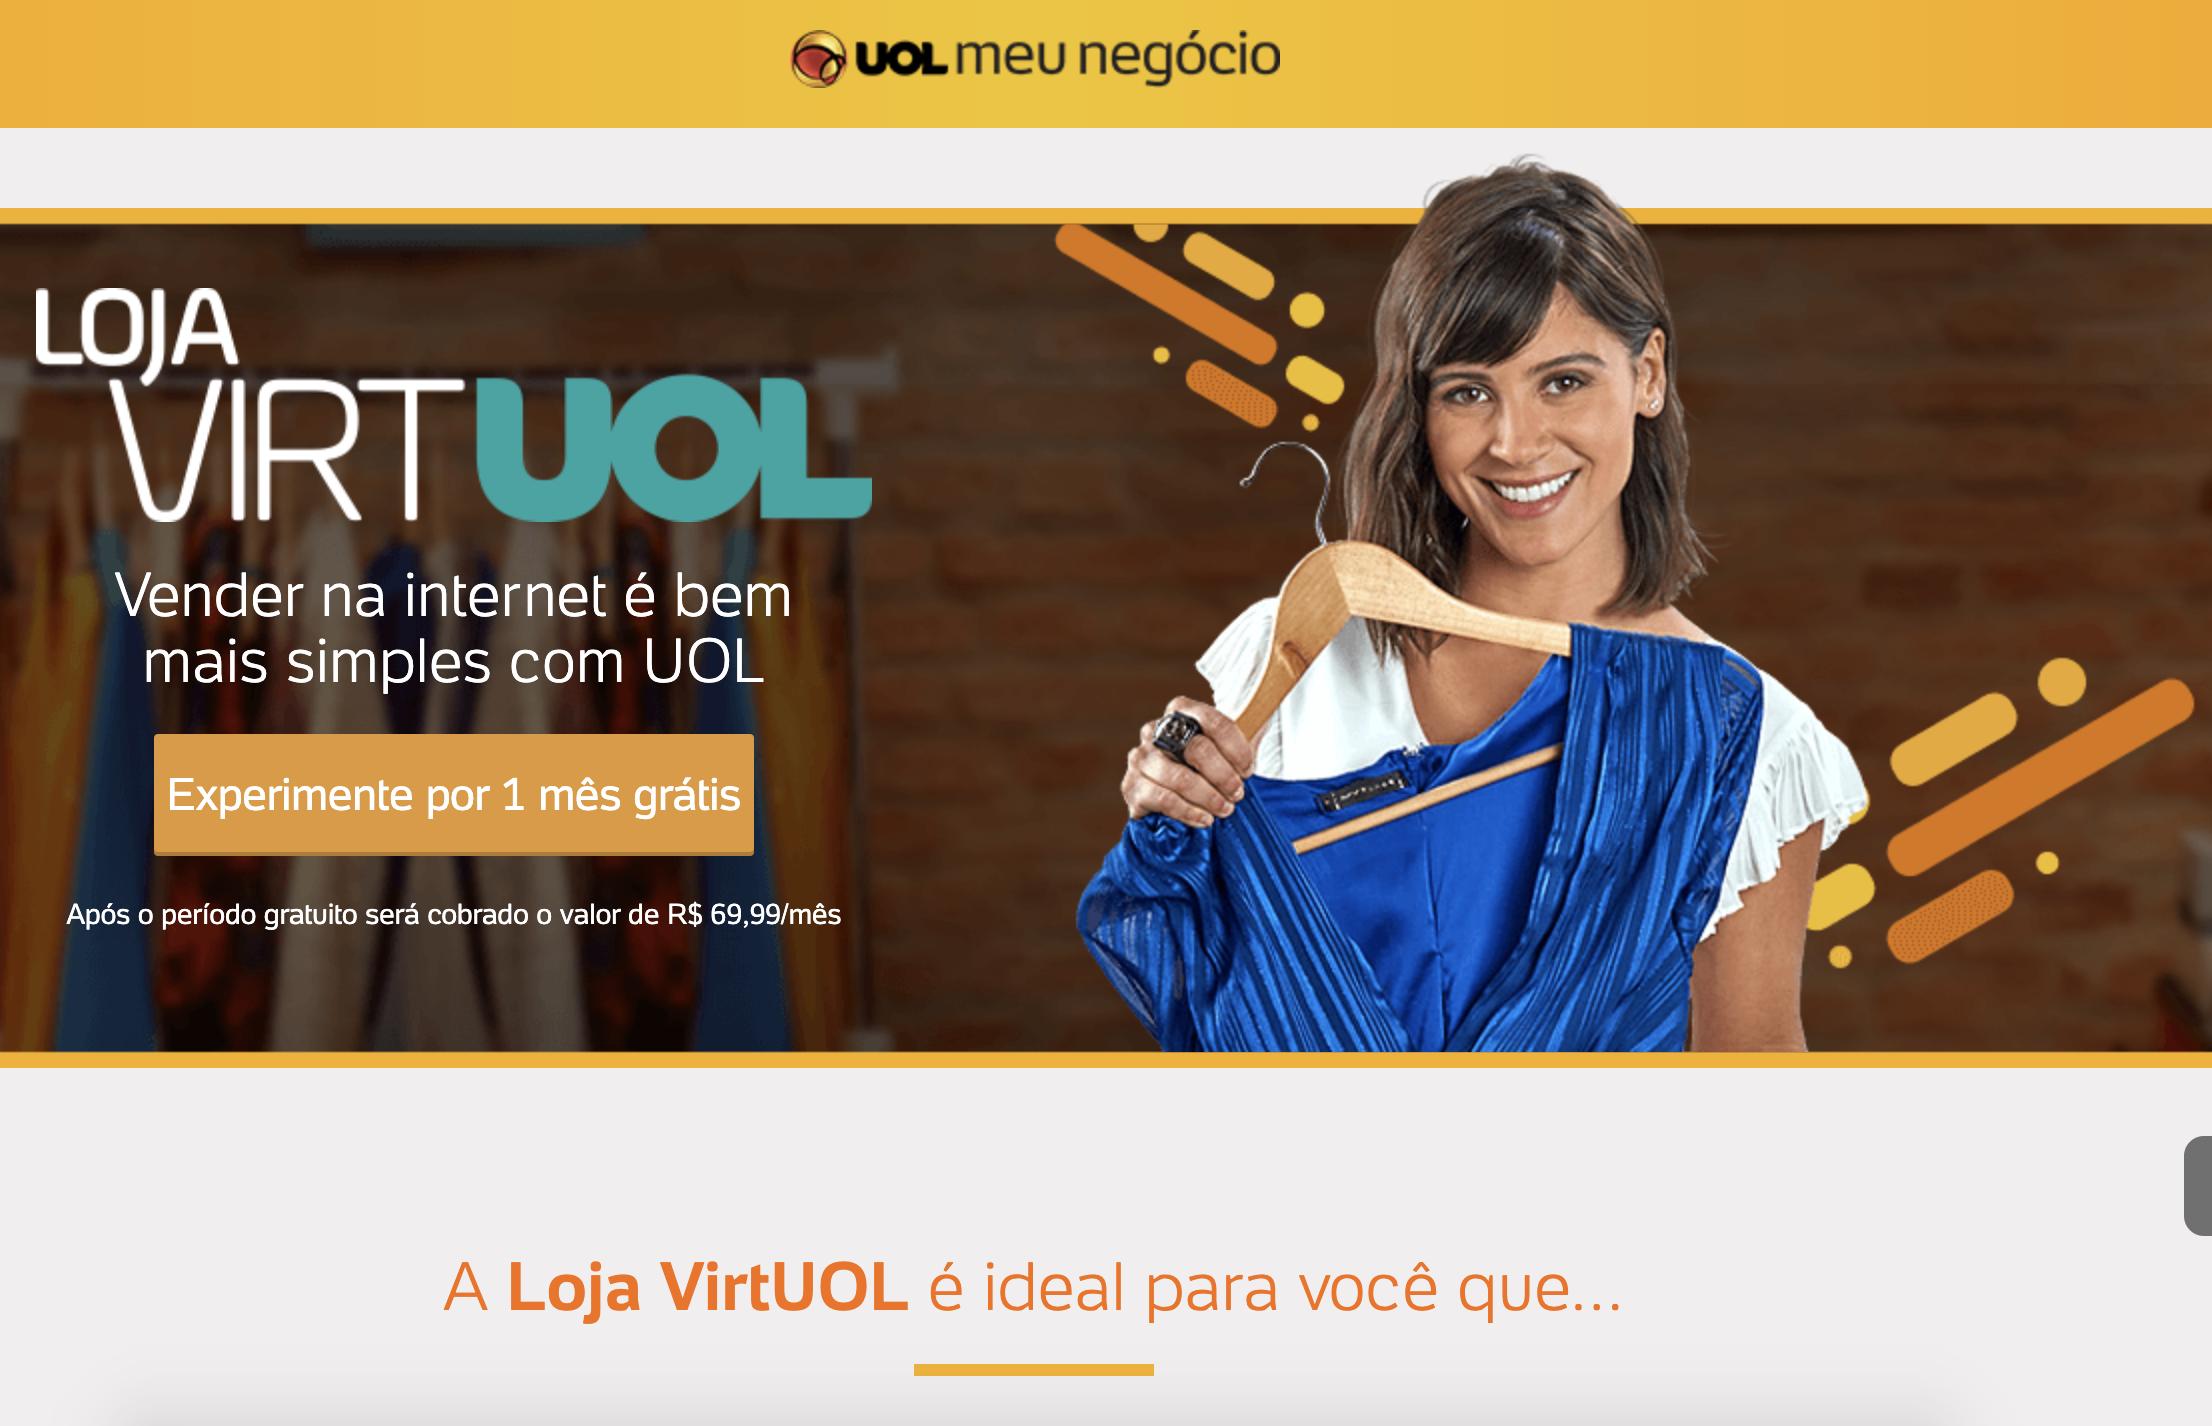 loja virtual uol